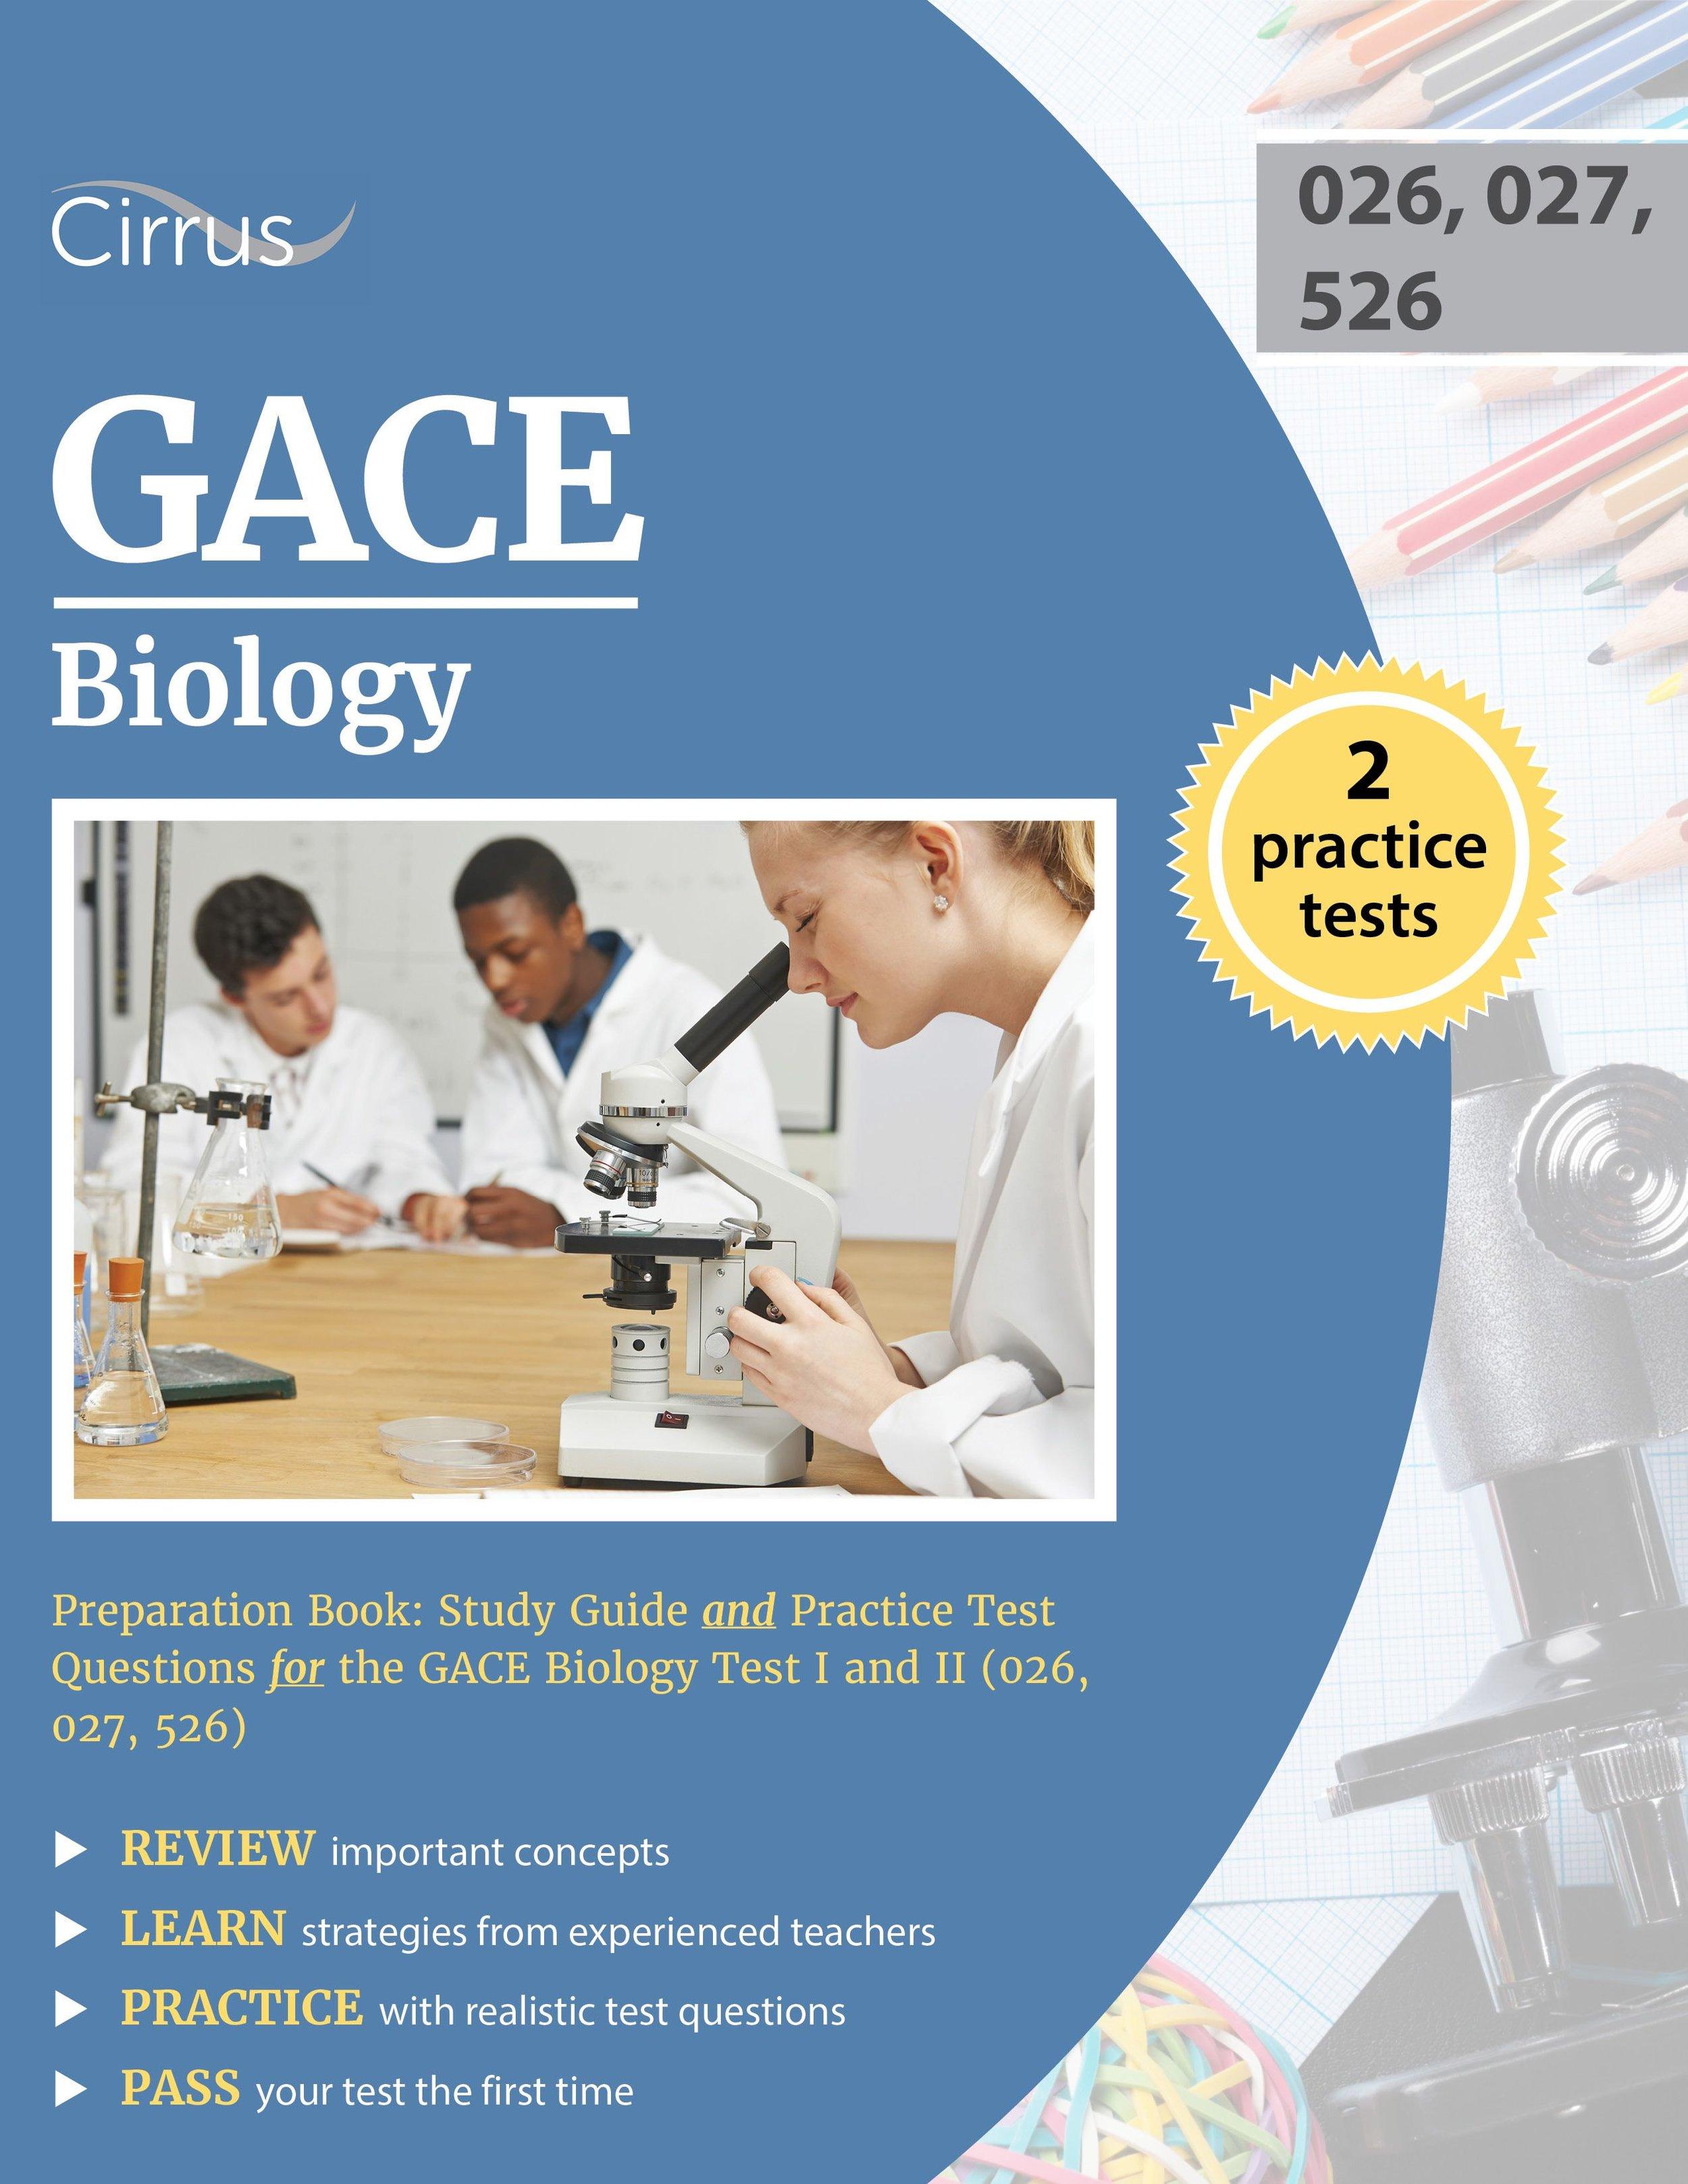 GACE_biology_cover_website-compressor.jpg